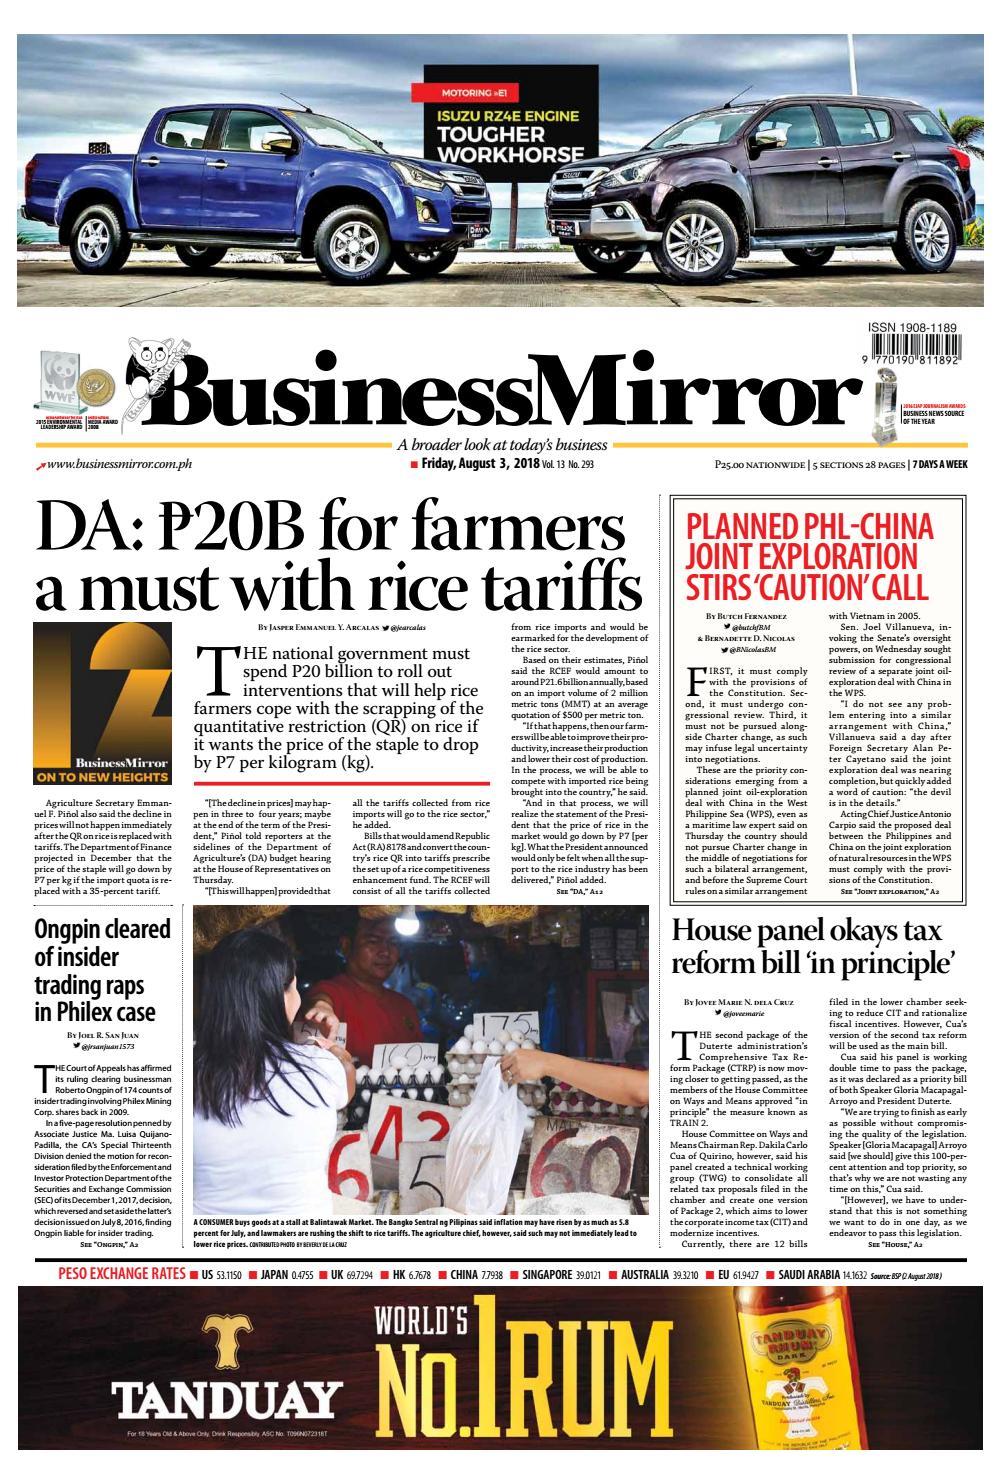 Businessmirror August 03, 2018 by BusinessMirror - issuu